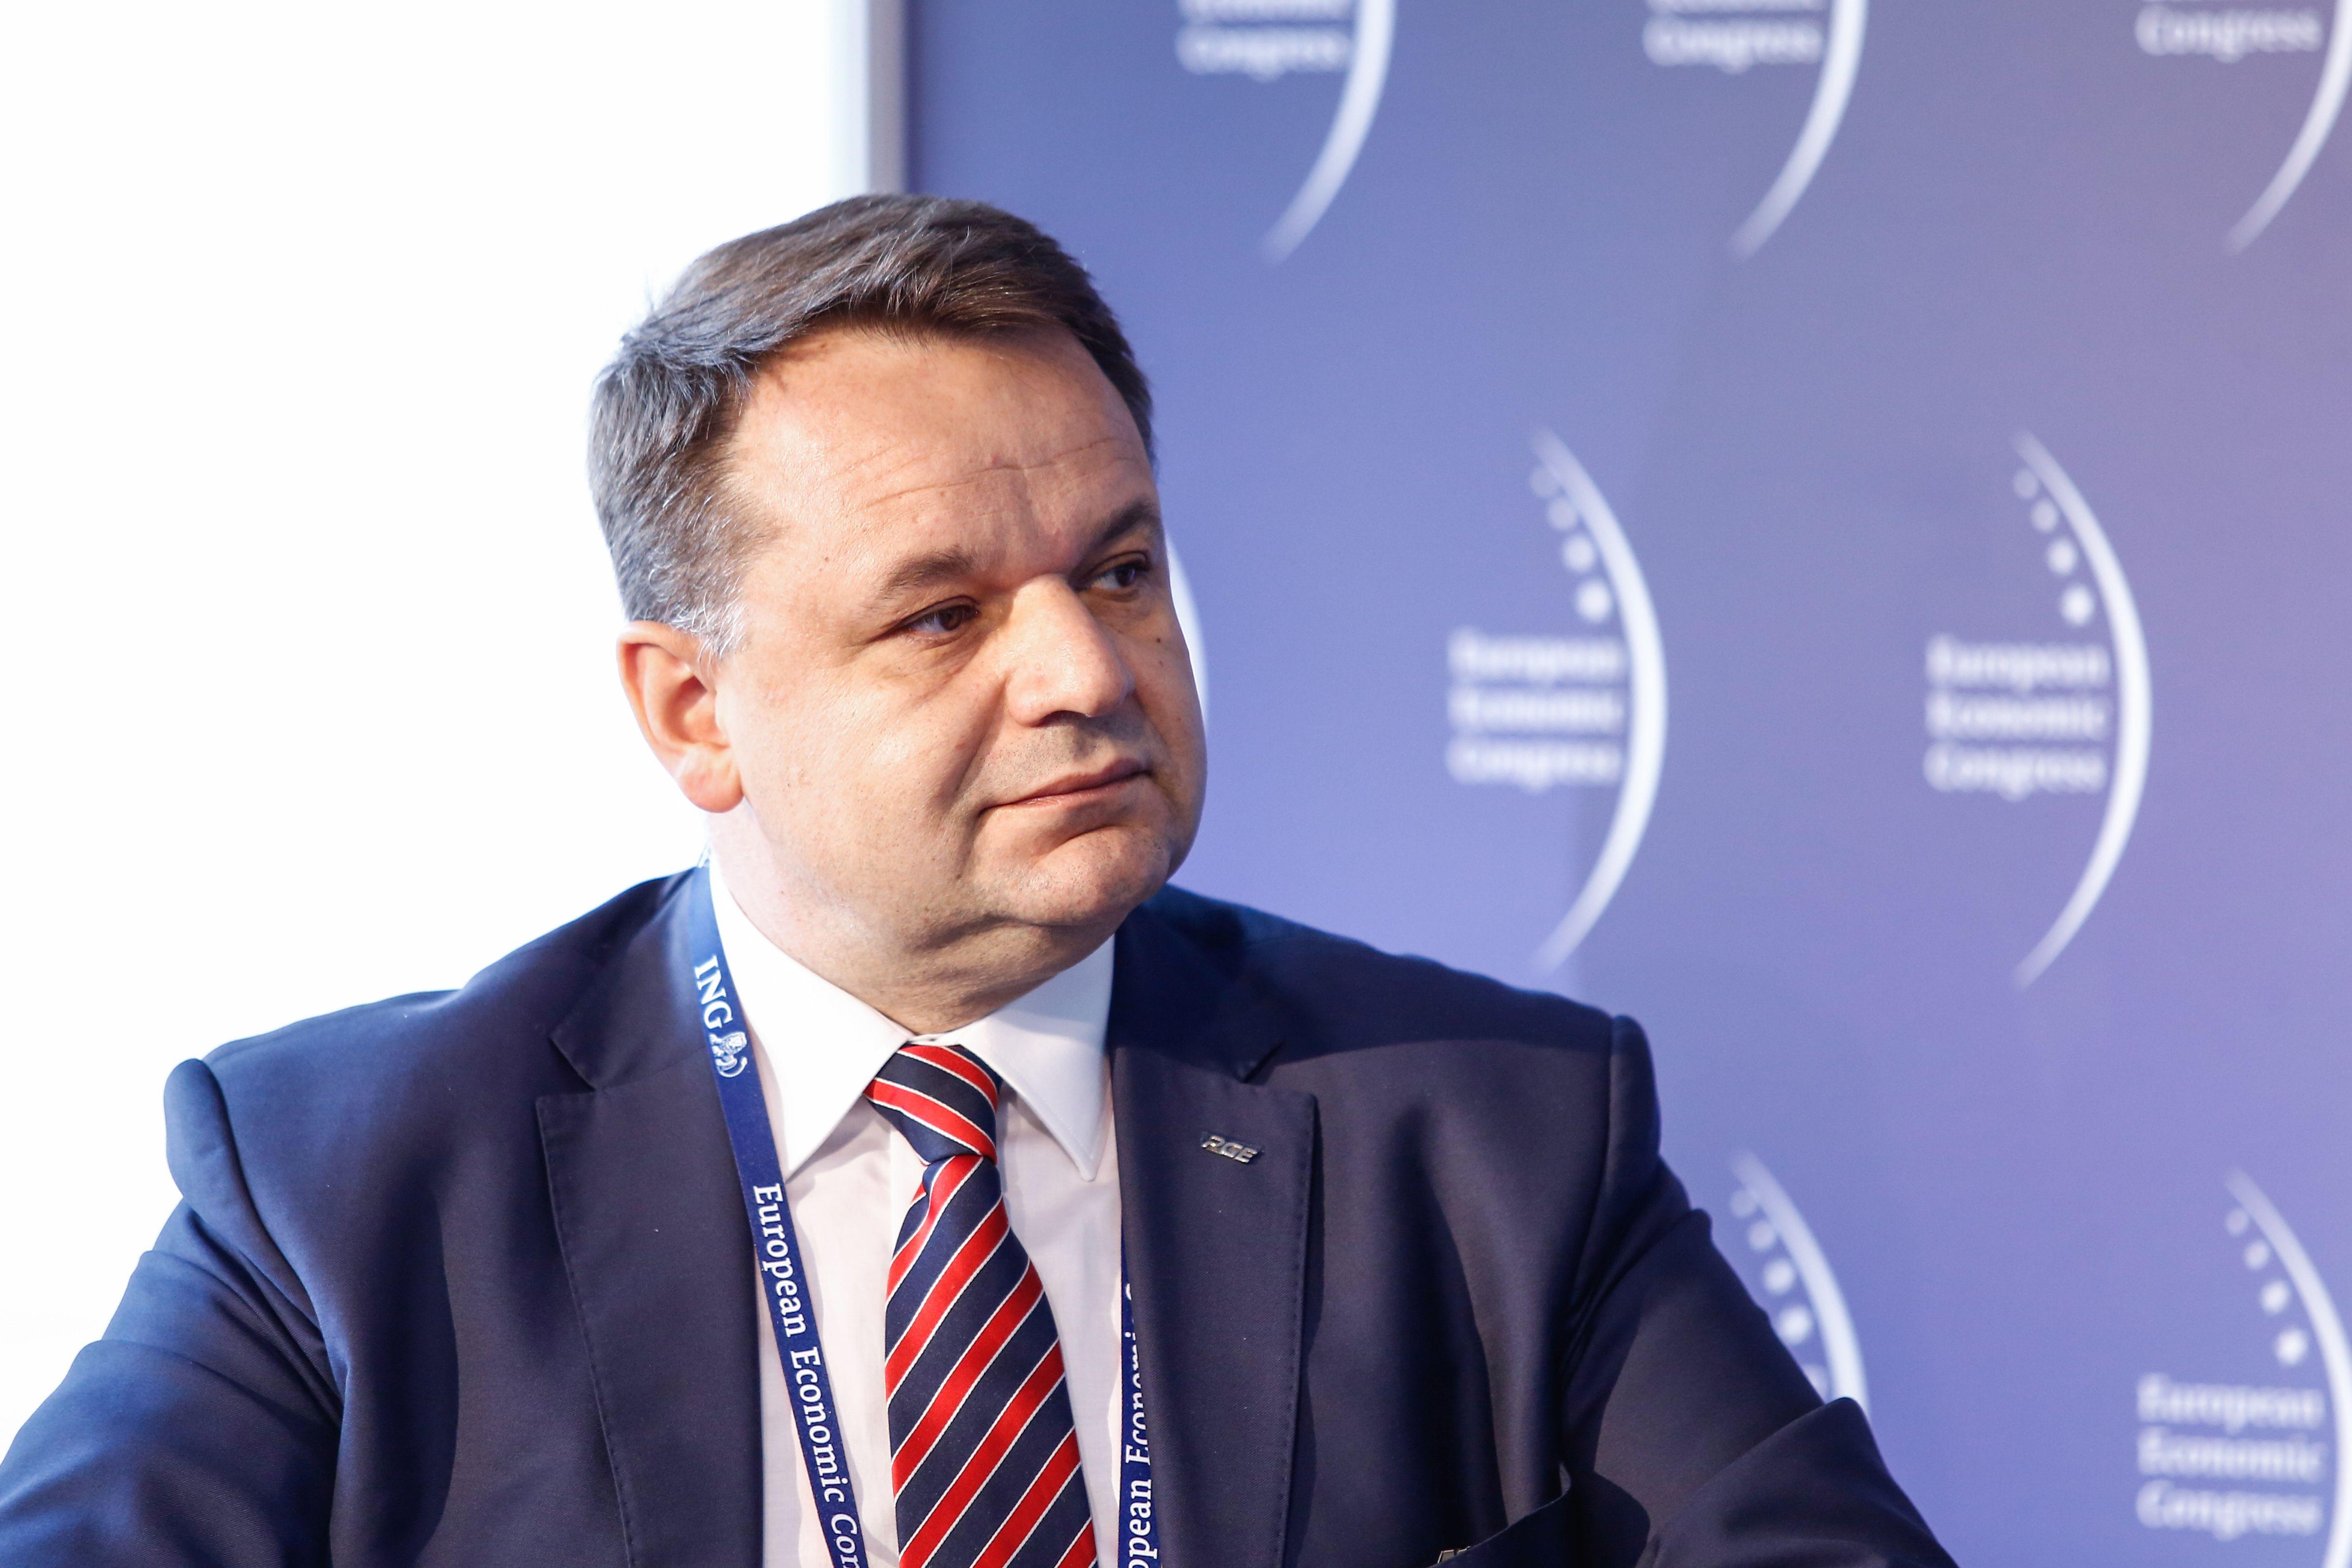 Paweł Śliwa, wiceprezes ds. innowacji w PGE Polskiej Grupie Energetycznej (fot. PTWP)